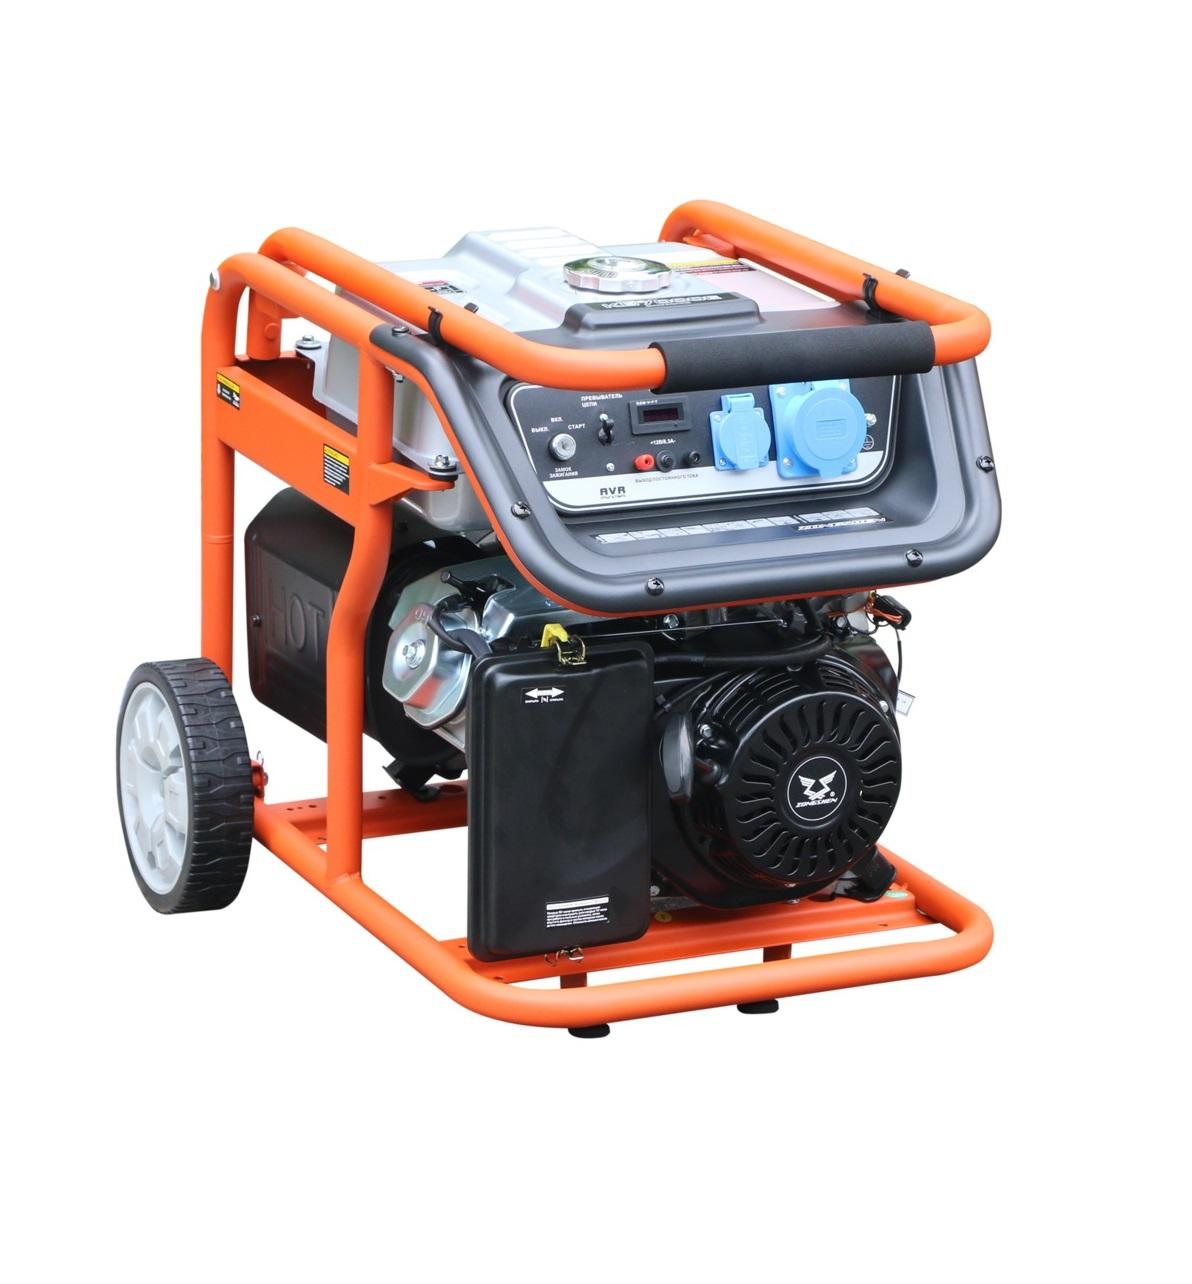 Бензиновый генератор (Бензогенератор) Zongshen KB 6000 E